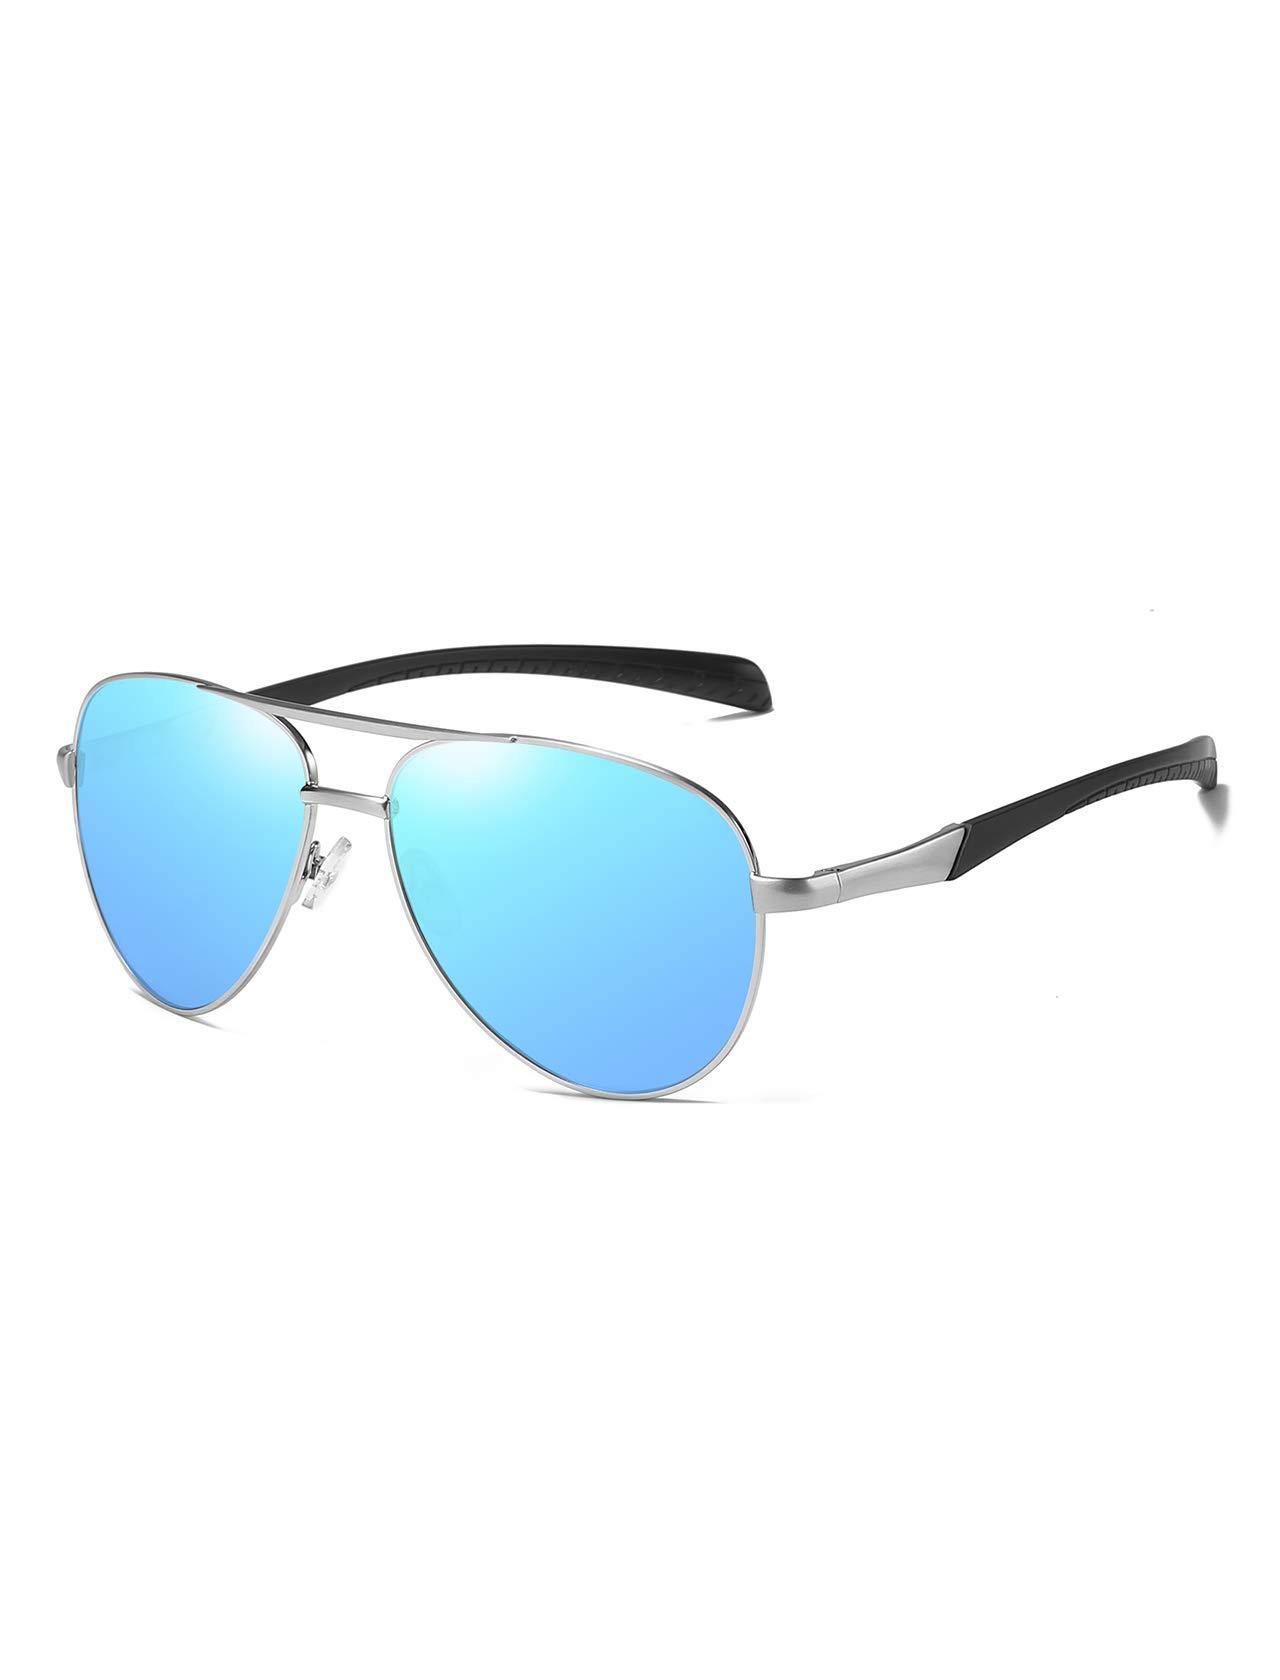 AMEXI Hombre Gafas de Sol polarizadas, Gafas Hombre Polarizadas, Gafas de aviador clásicas, Azul